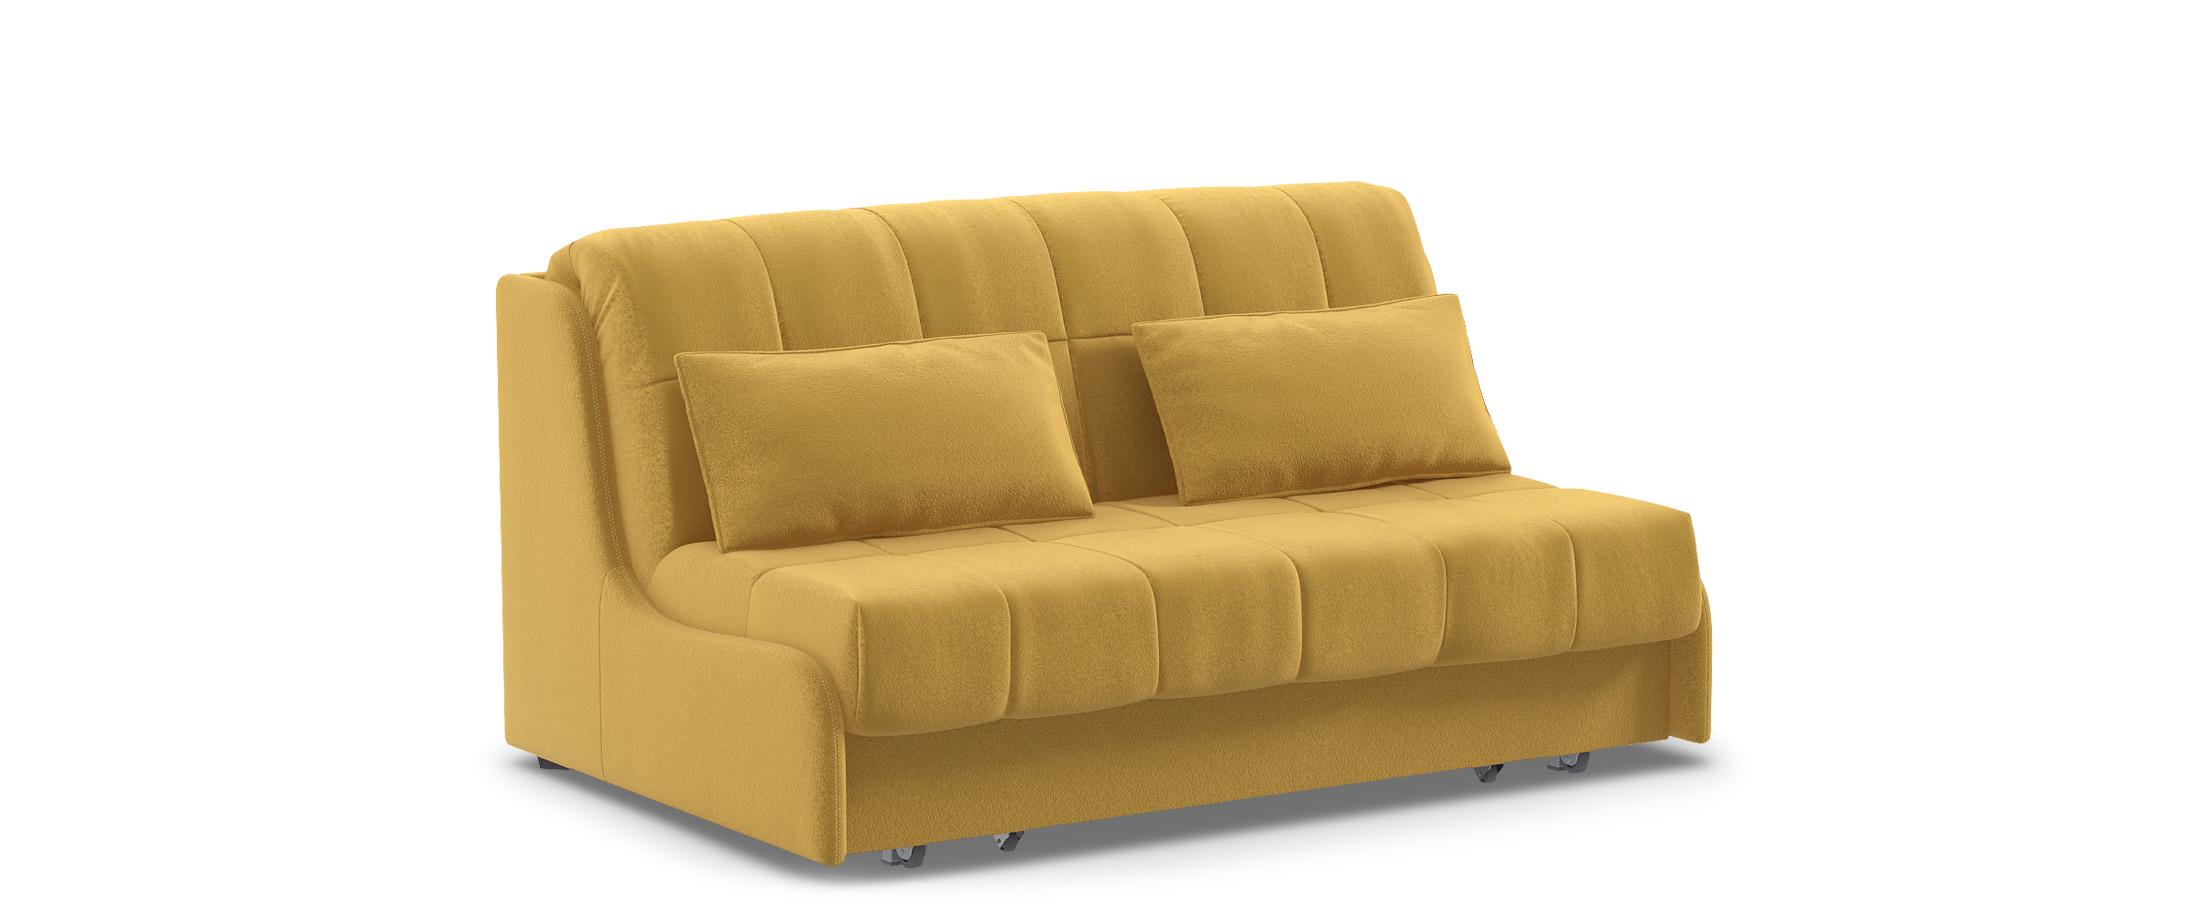 Диван прямой Прага 105? Купить Диван прямой Аккордеон Прага Желтый . ? Раскладывается в кровать с полноценным спальным местом 148x206. Гарантия 18 месяцев. ?? Доставка от 1 дня. Артикул 000967.<br>